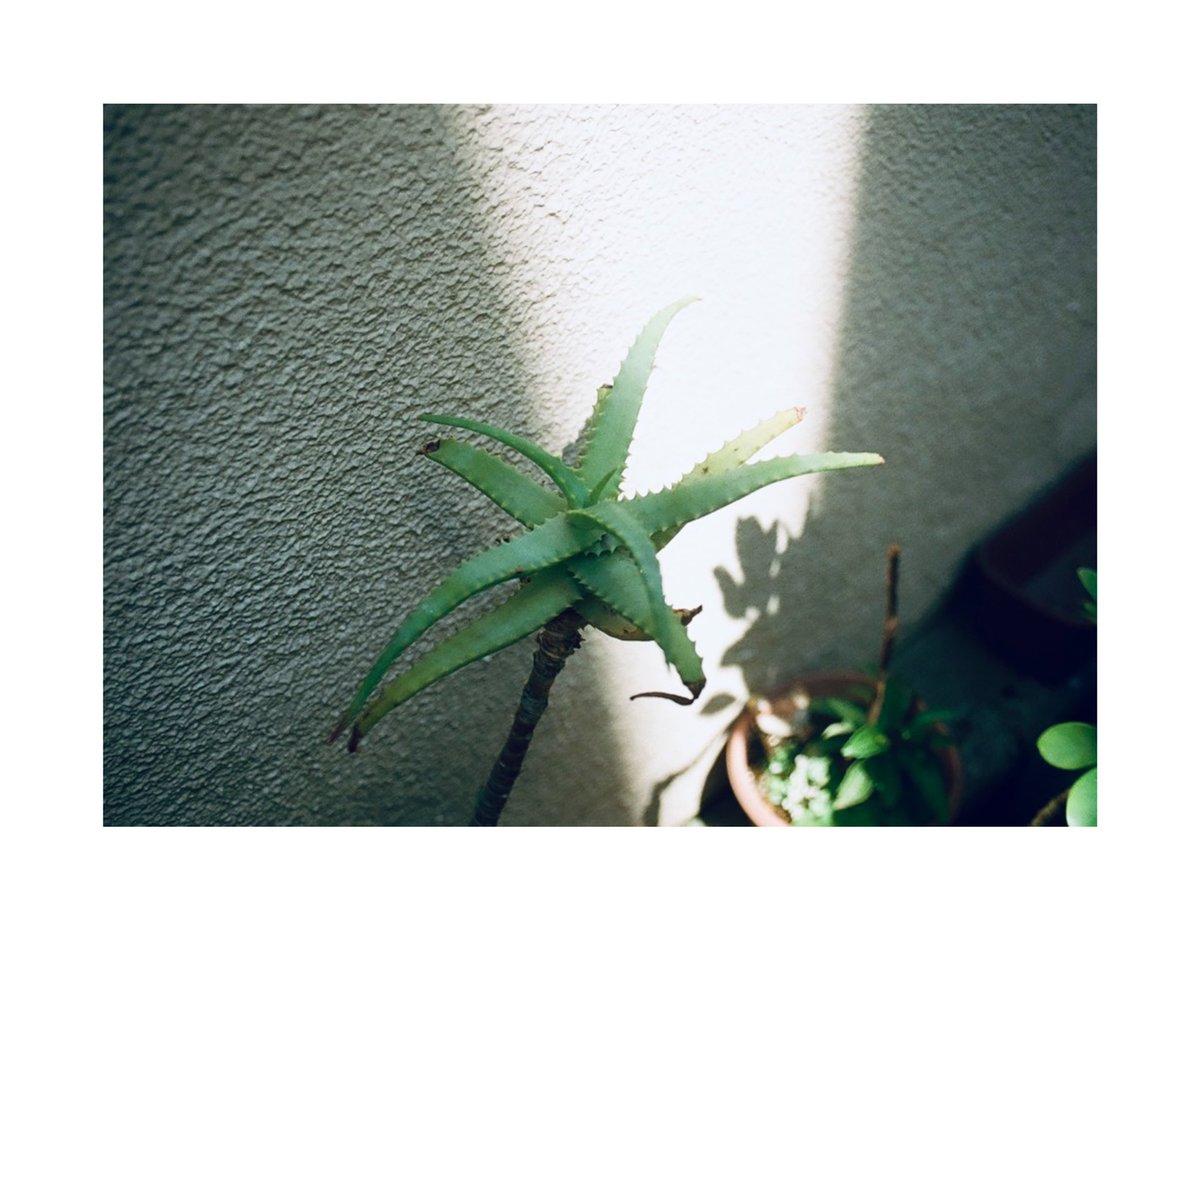 『  ハミングの街  』  film photography #photography #photo  #写真  #写真撮ってる人と繫がりたい #写真好きな人と繋がりたい #ファインダー越しの私の世界 #キリトリセカイ #東京カメラ部 #生活とフィルム #フィルムカメラ #filmcamera #フィルム写真 https://t.co/4eiinAizHK